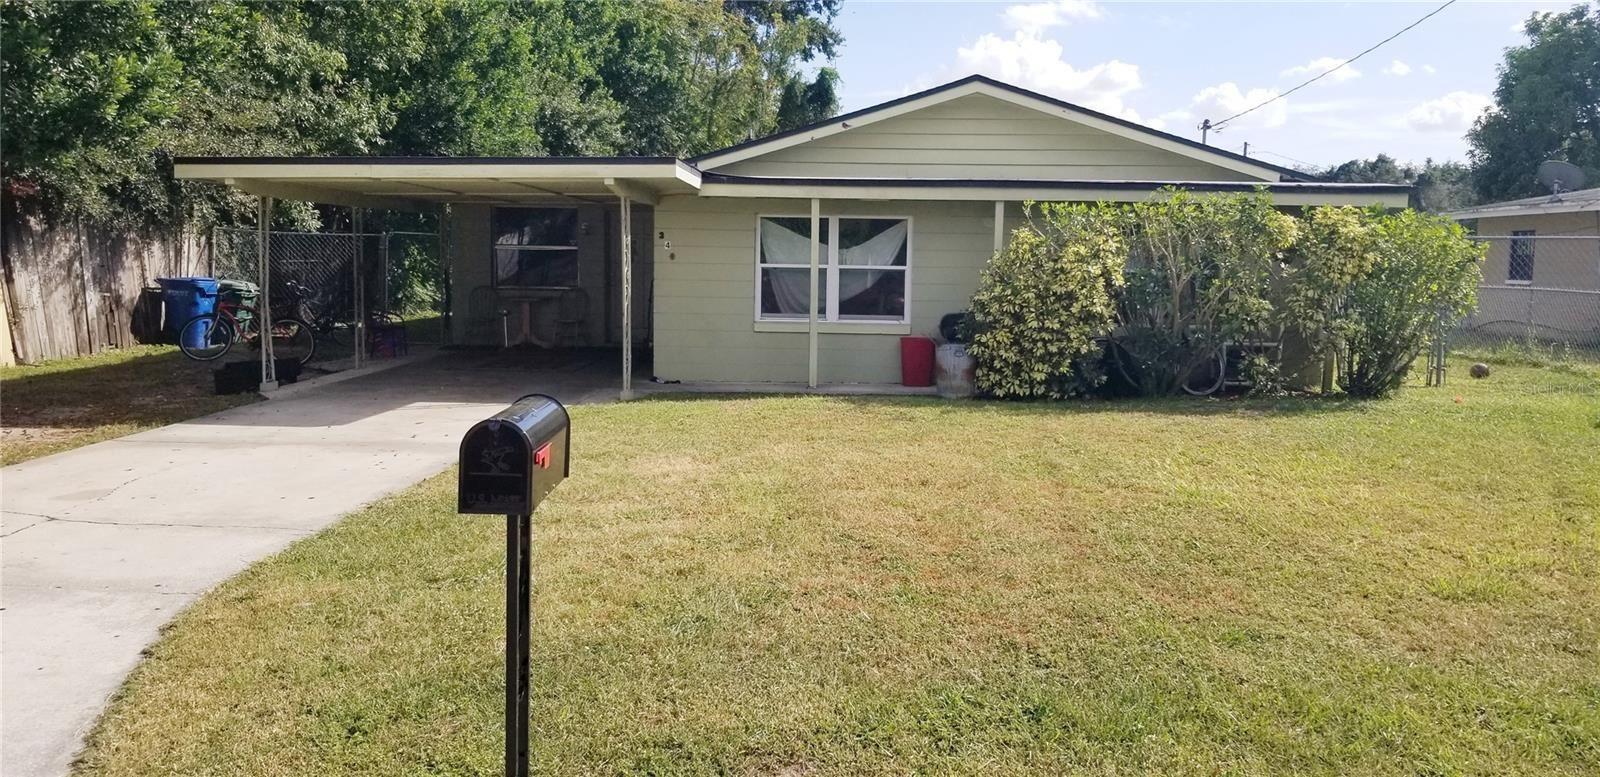 340 AVENUE V NE, Winter Haven, FL 33881 - #: P4917775